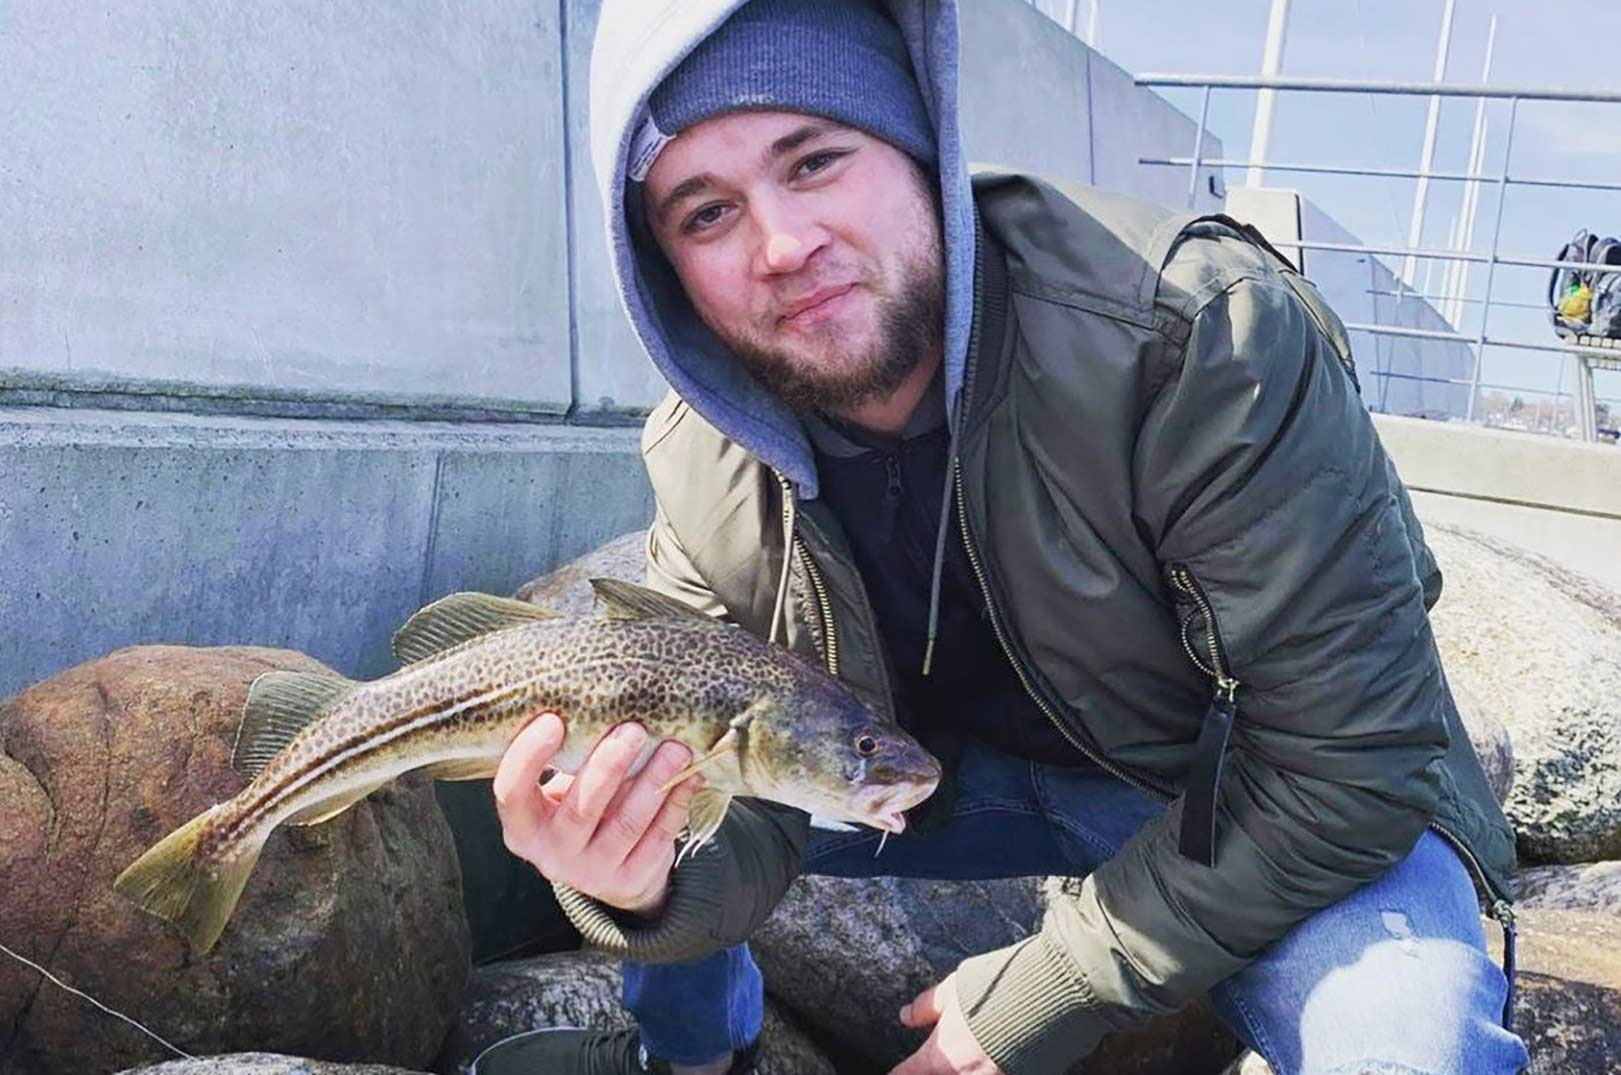 Fisketurene har været en stor hjælp for Mads Sørensen til at få clearet hjernen og tænkt livet godt igennem